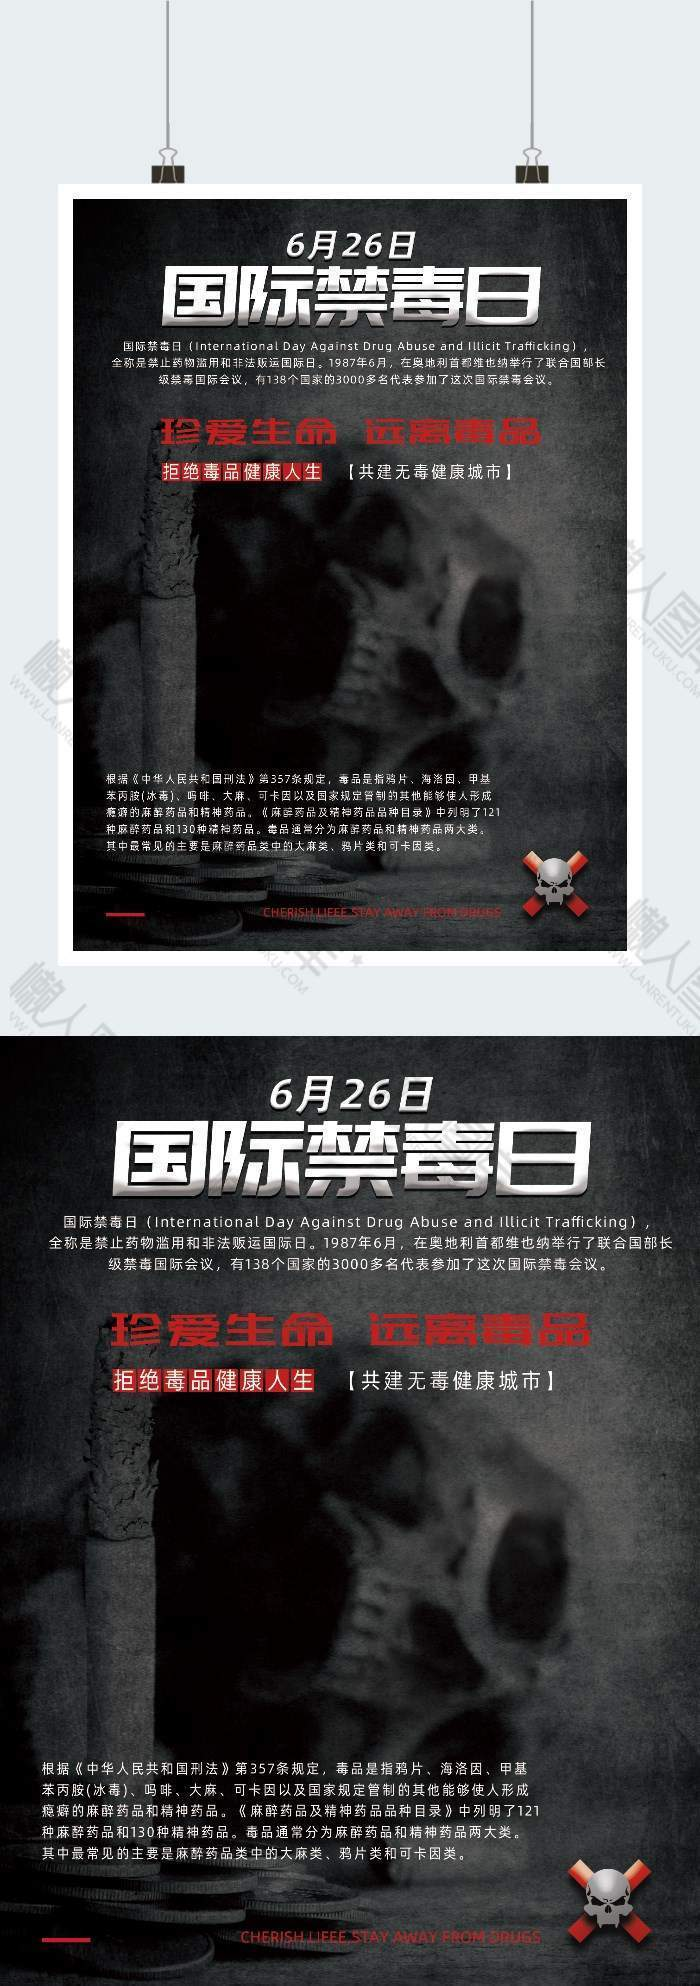 灰色国际禁毒日广告平面海报图1